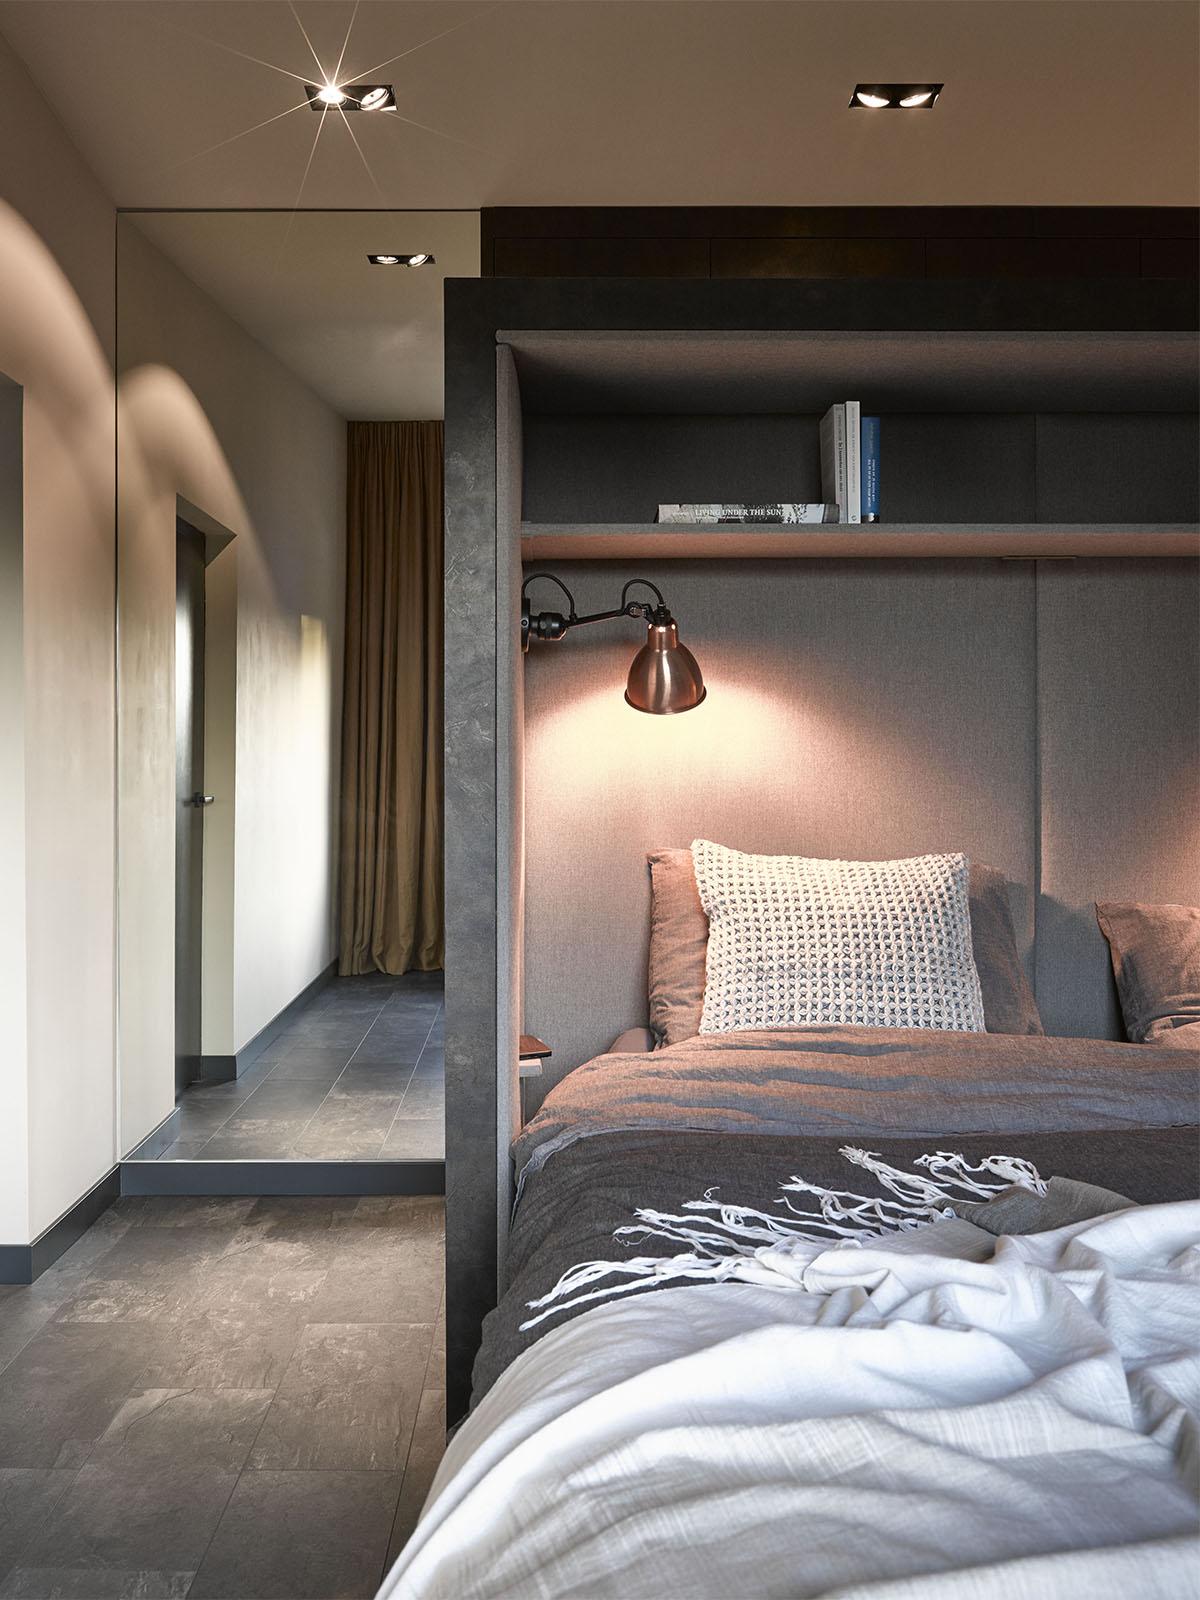 ZW6 Studio, Jeroen van Zwetselaar, Marmer, keuken, modern, lichtval, openhaard